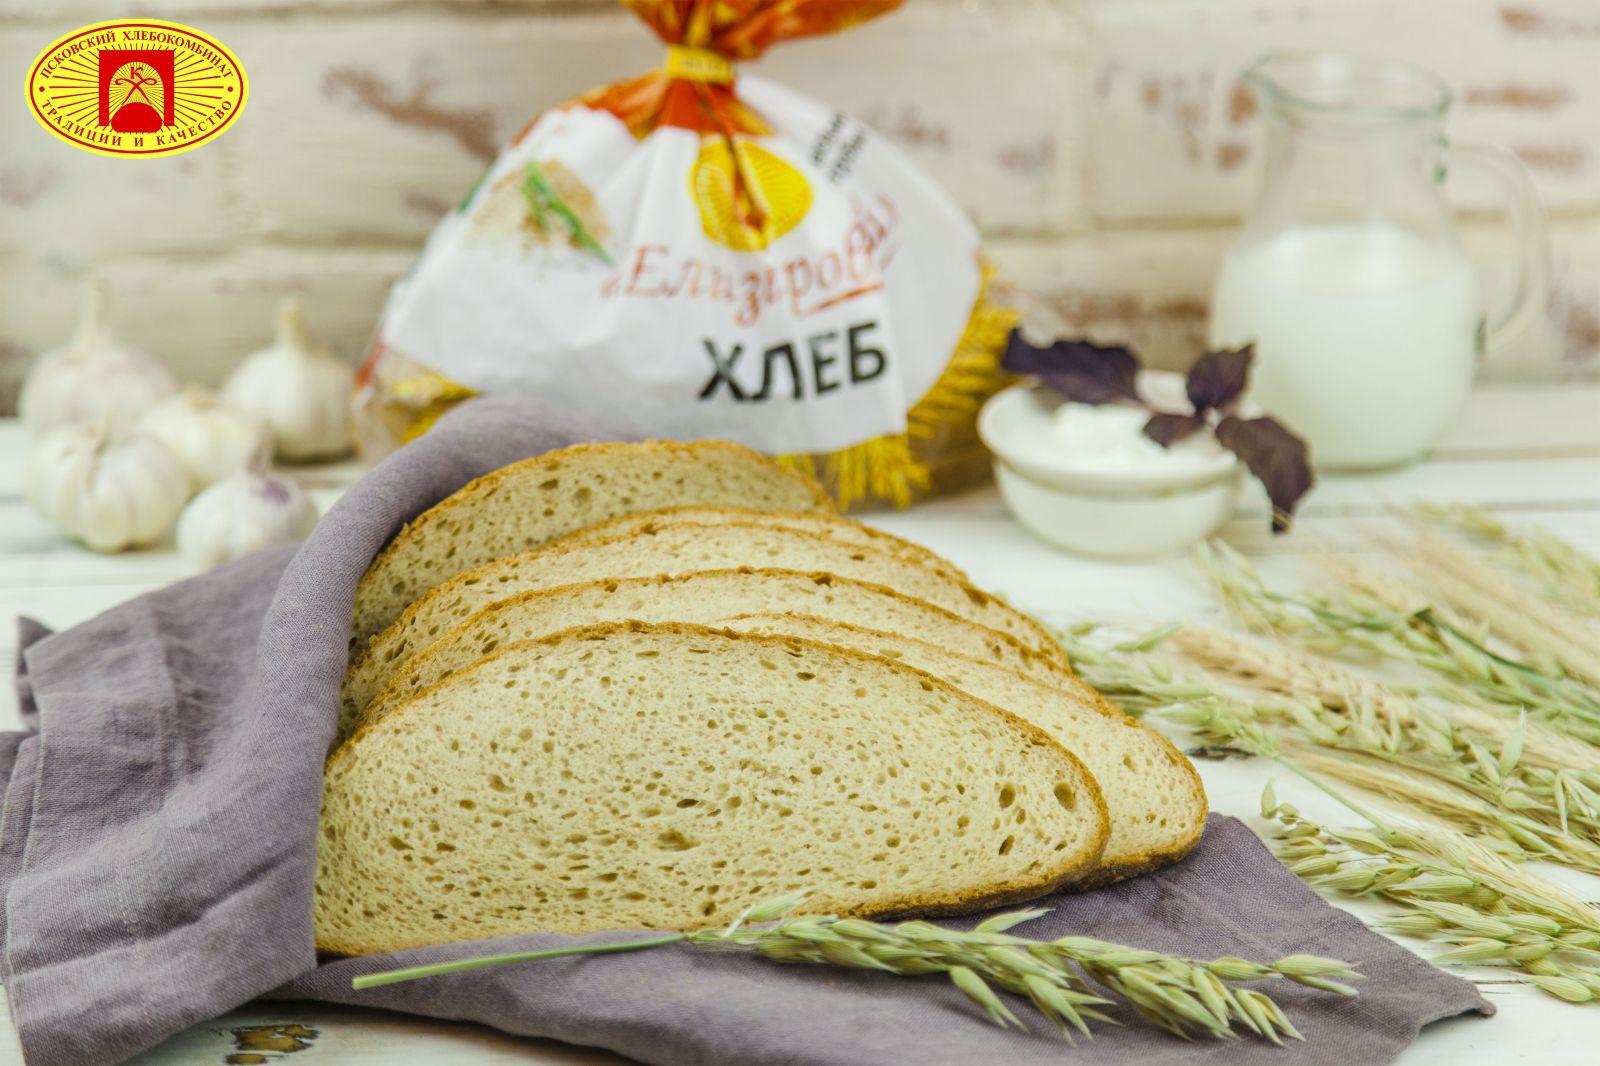 Хлеб Елизаровский